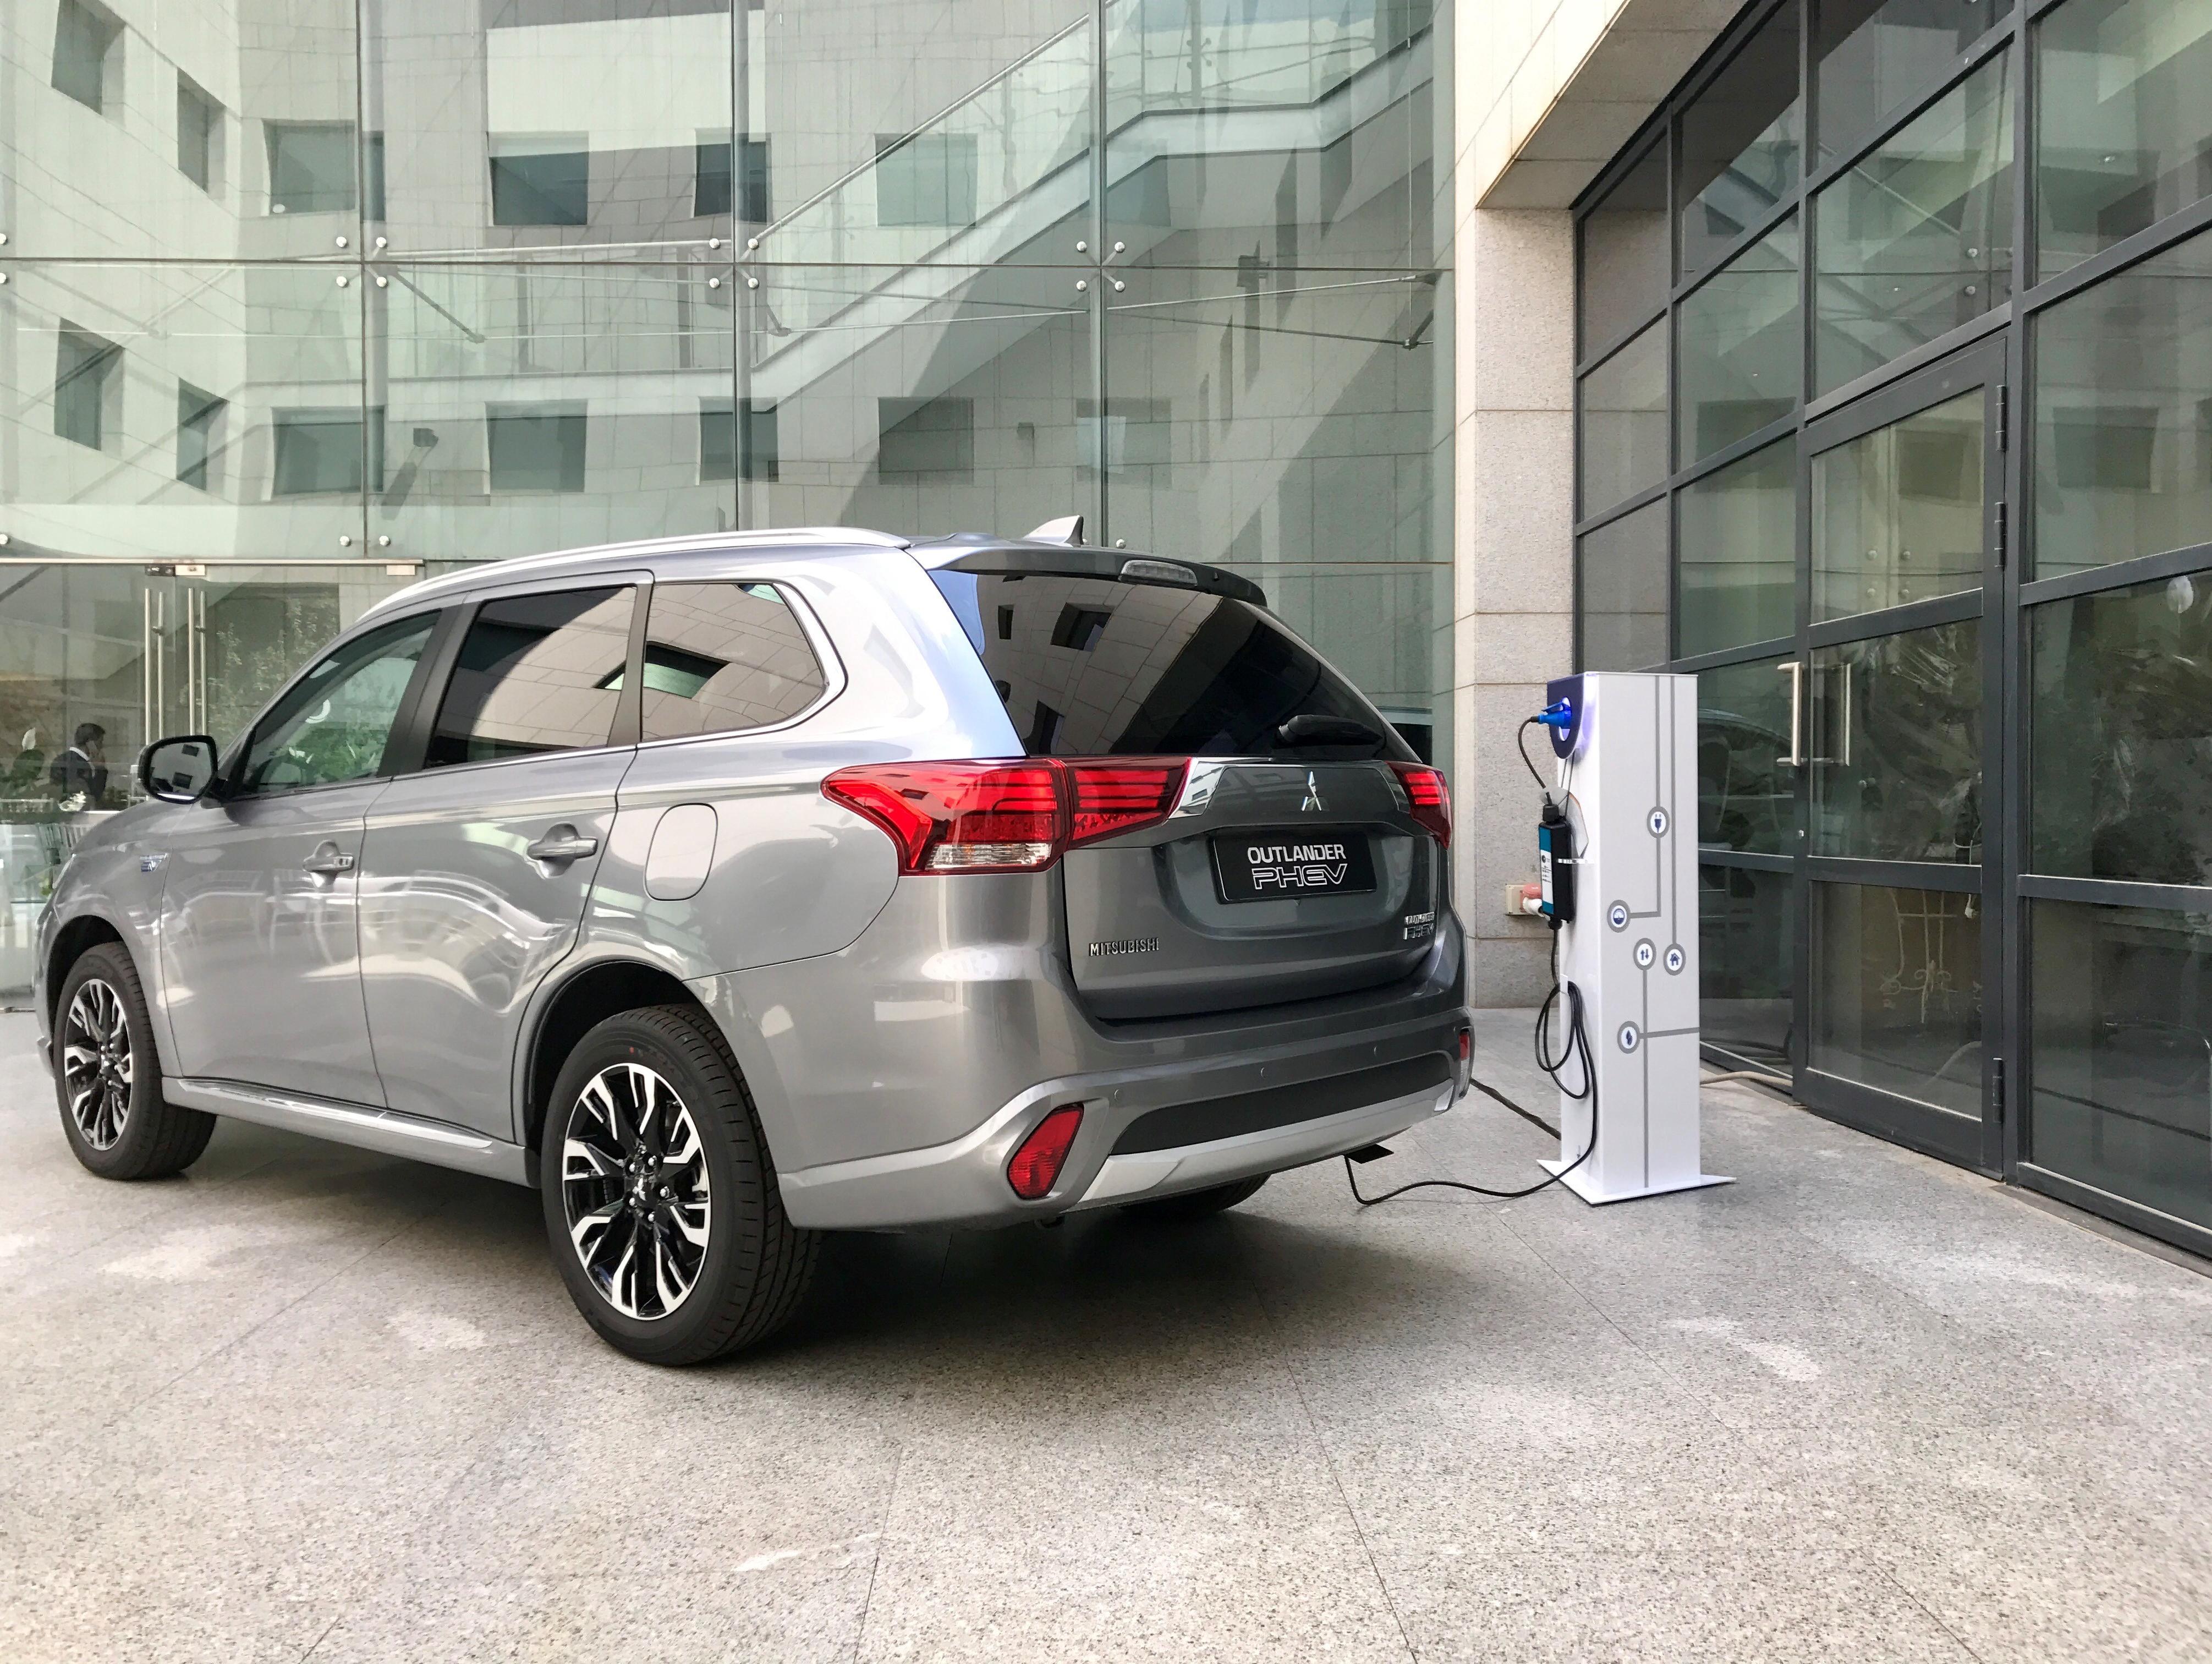 למה דווקא המשרד לאיכות הסביבה לא זורם על רכבים חשמליים?